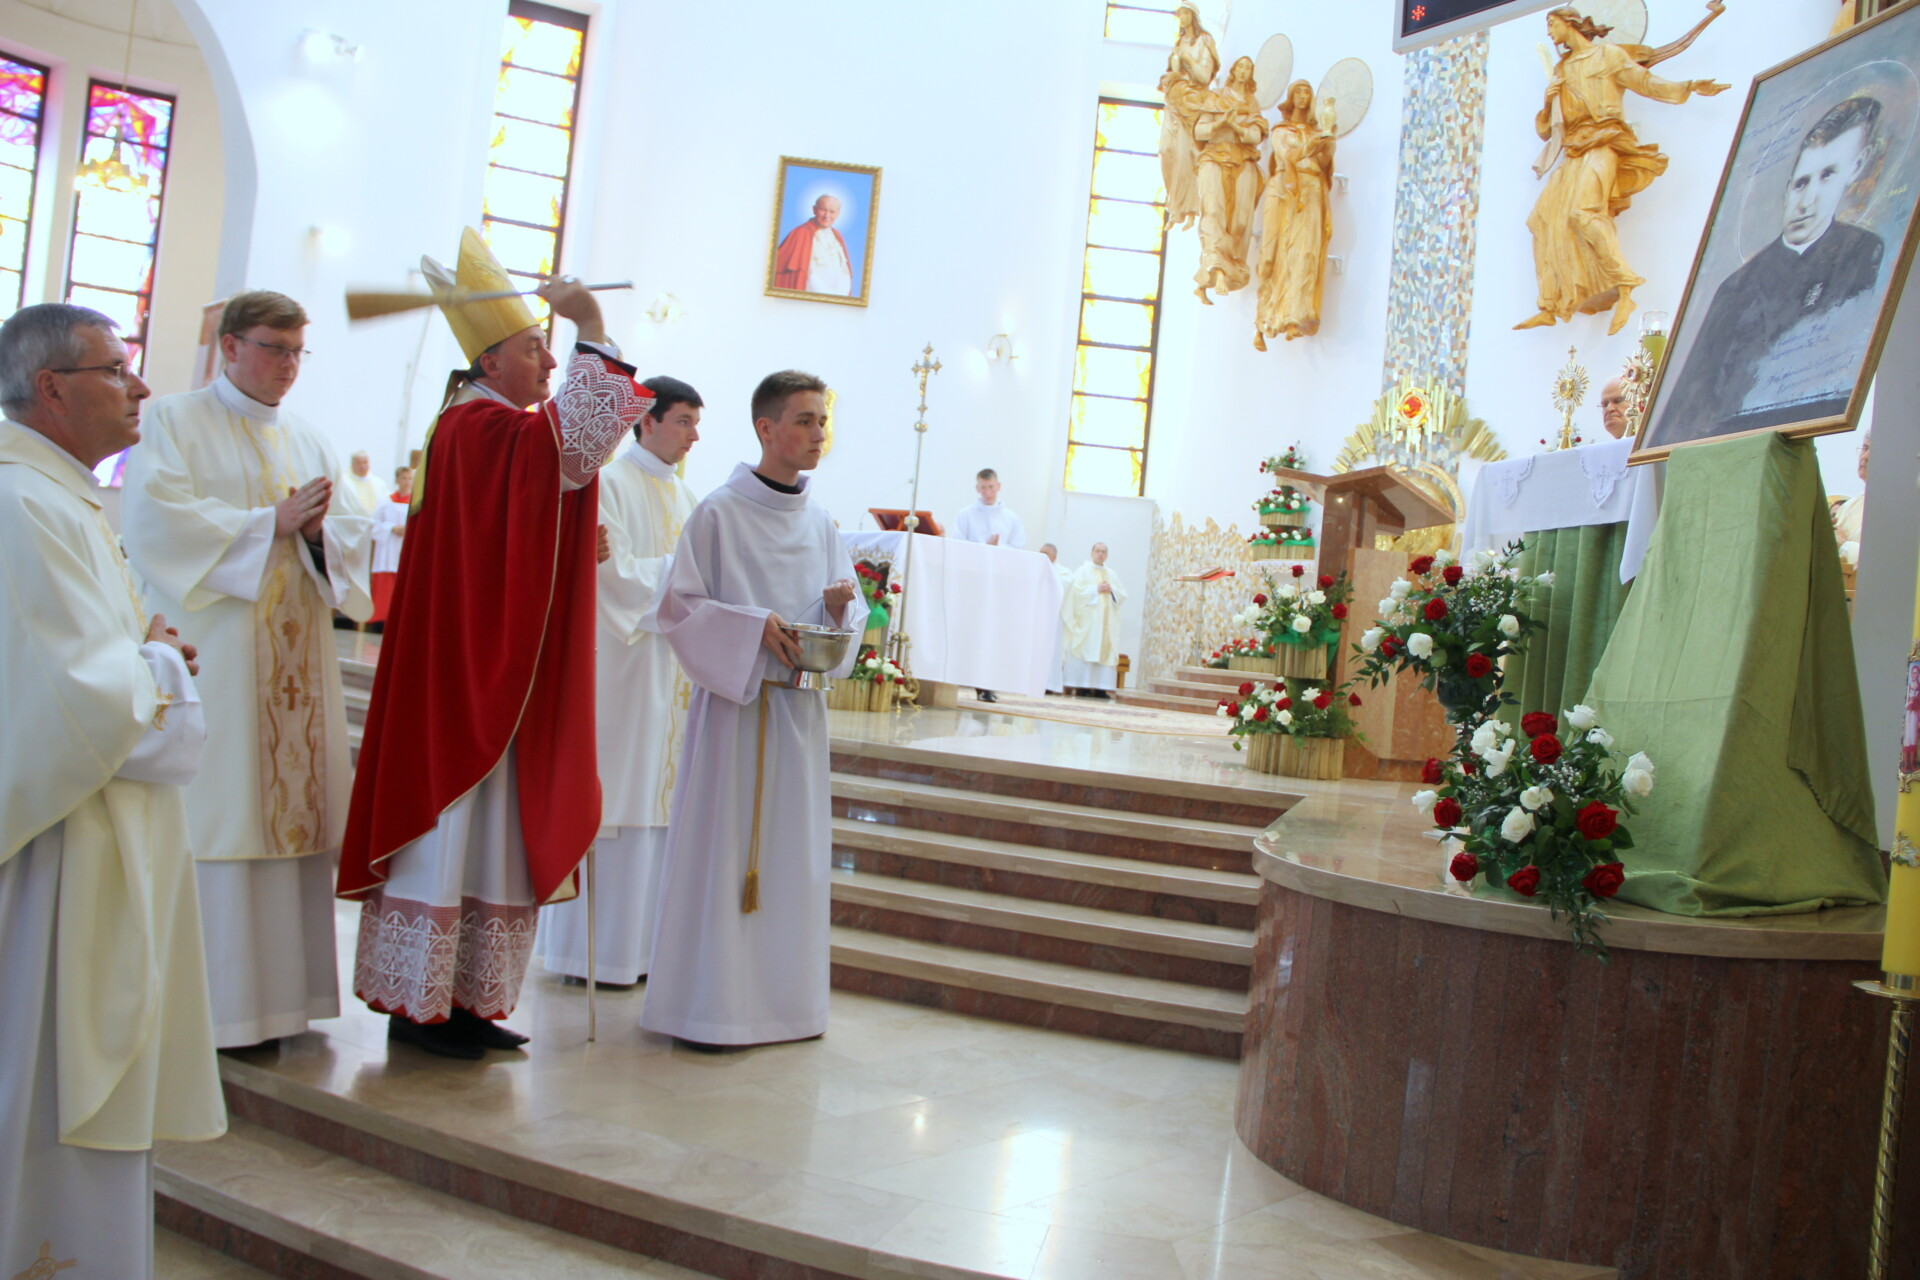 Parafia Rzymskokatolicka pw. Błogosławionej Karoliny w Tarnowie